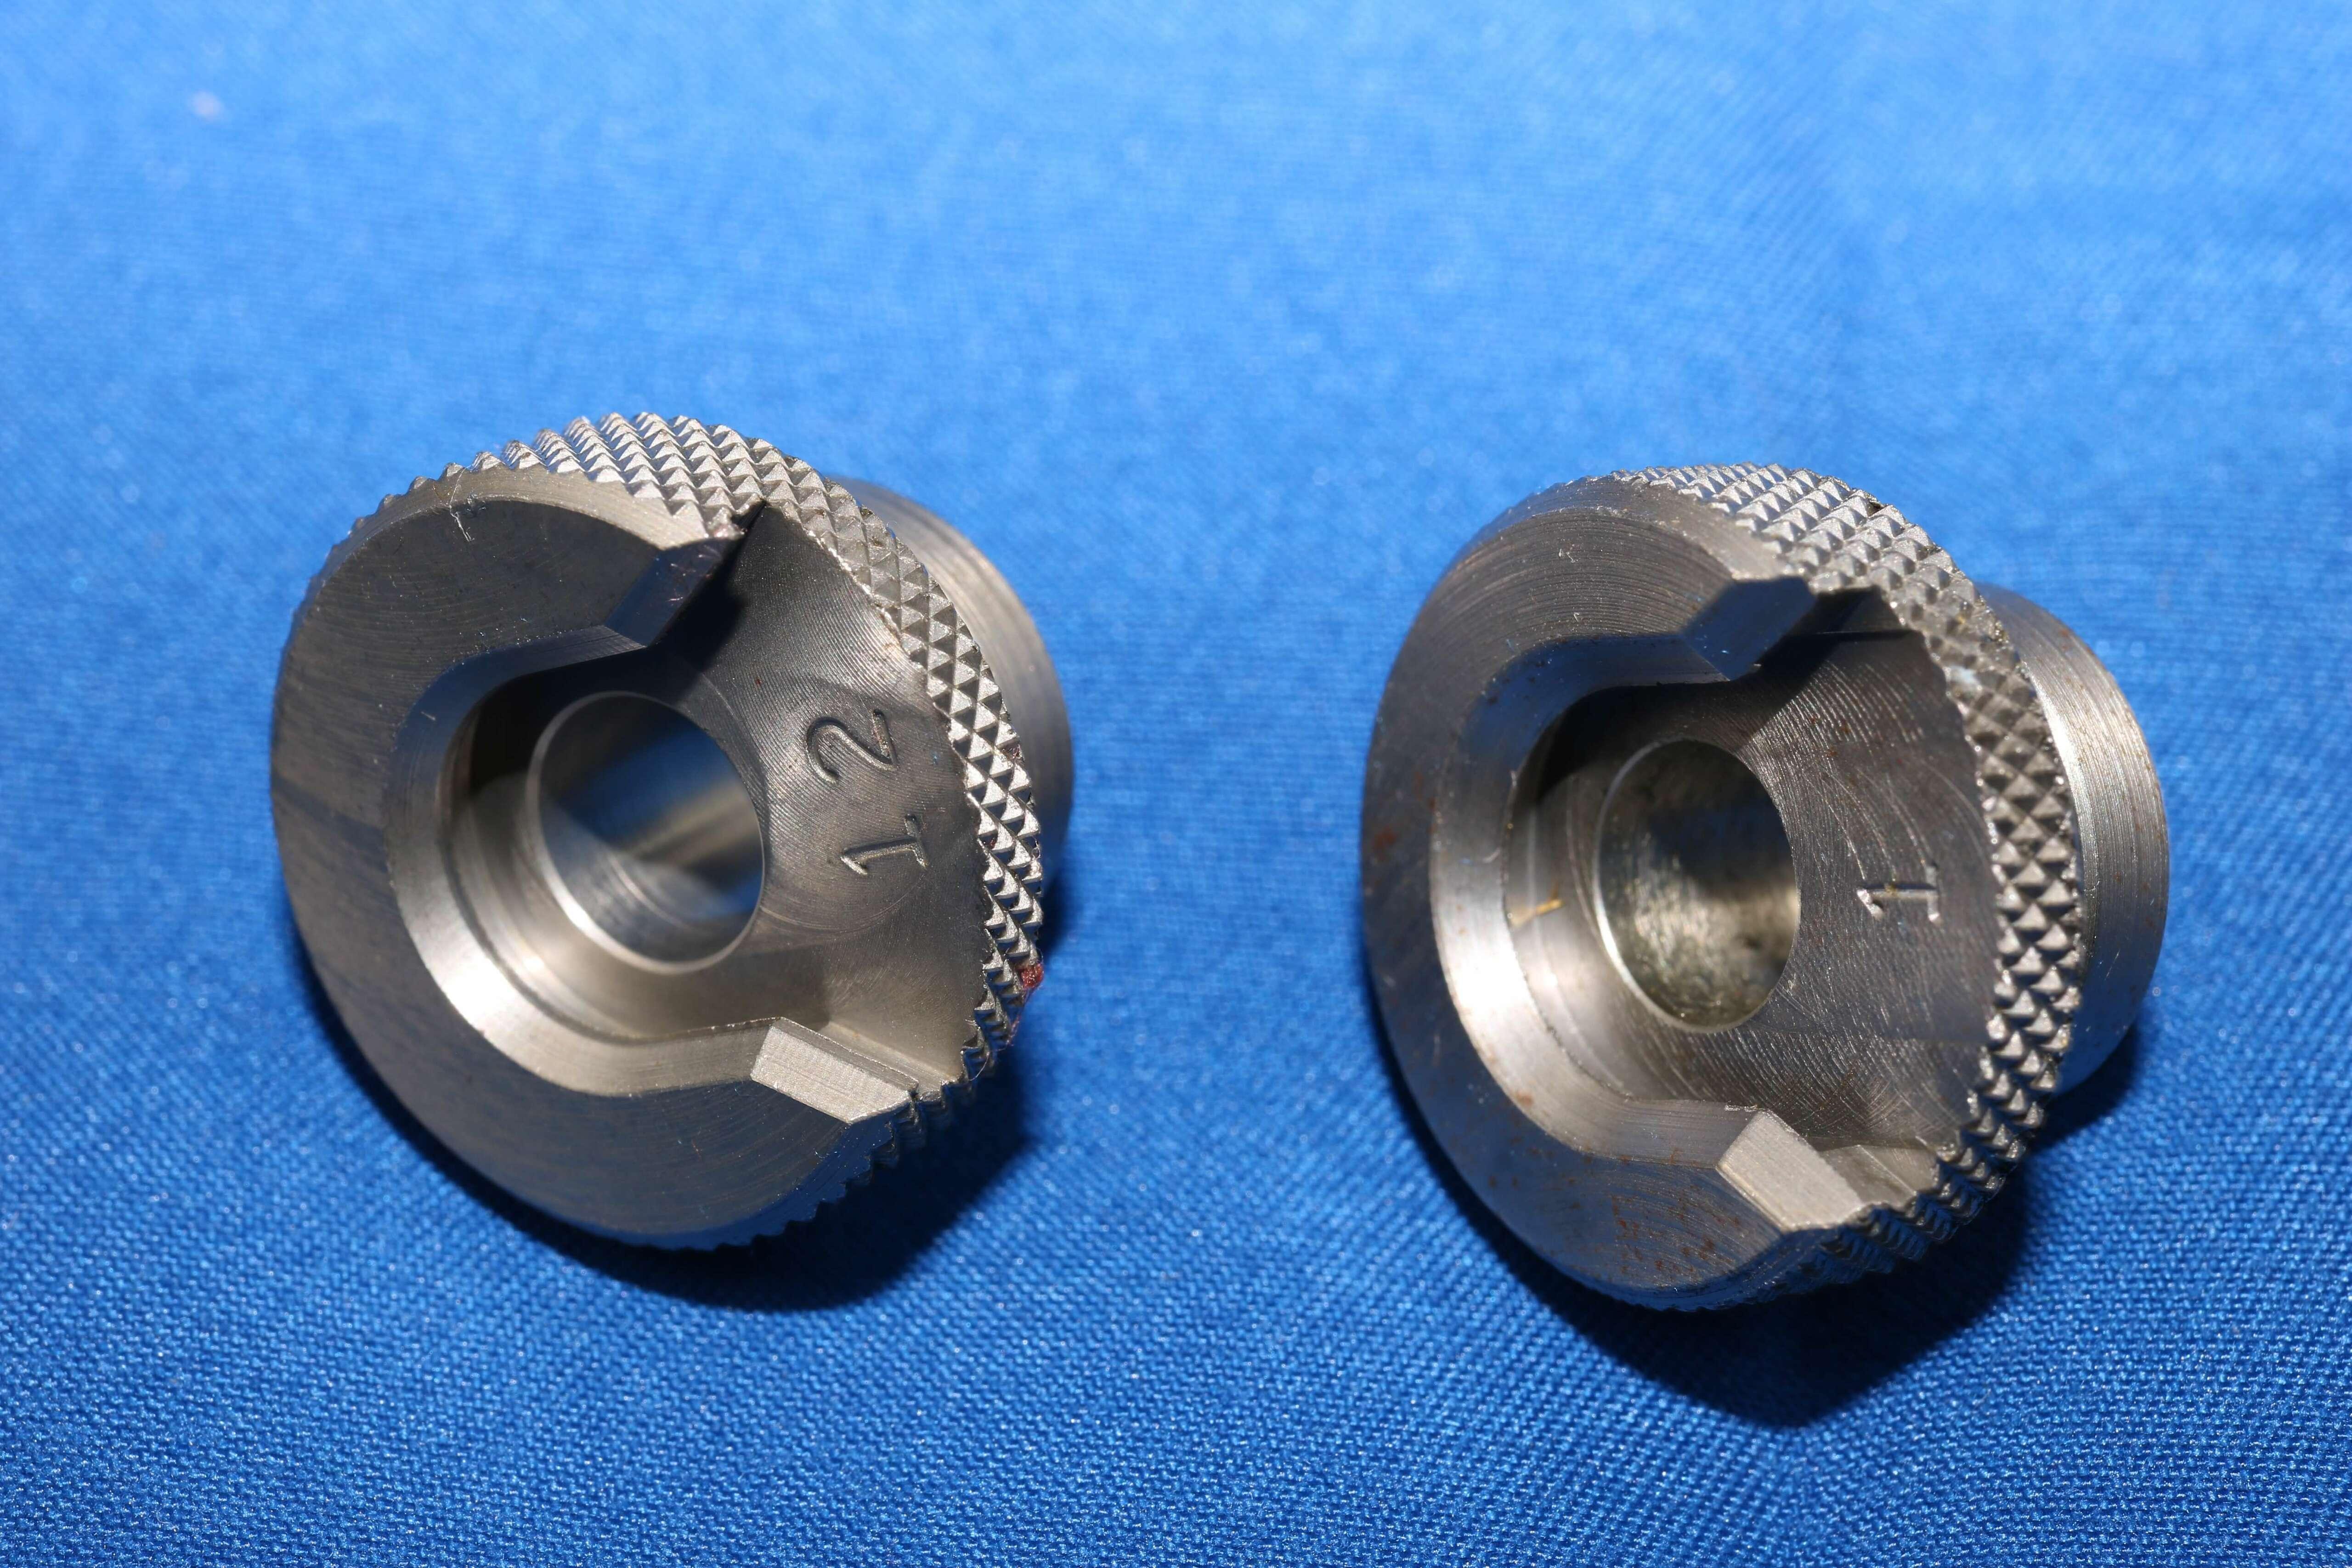 Redding Press Type Shell Holders